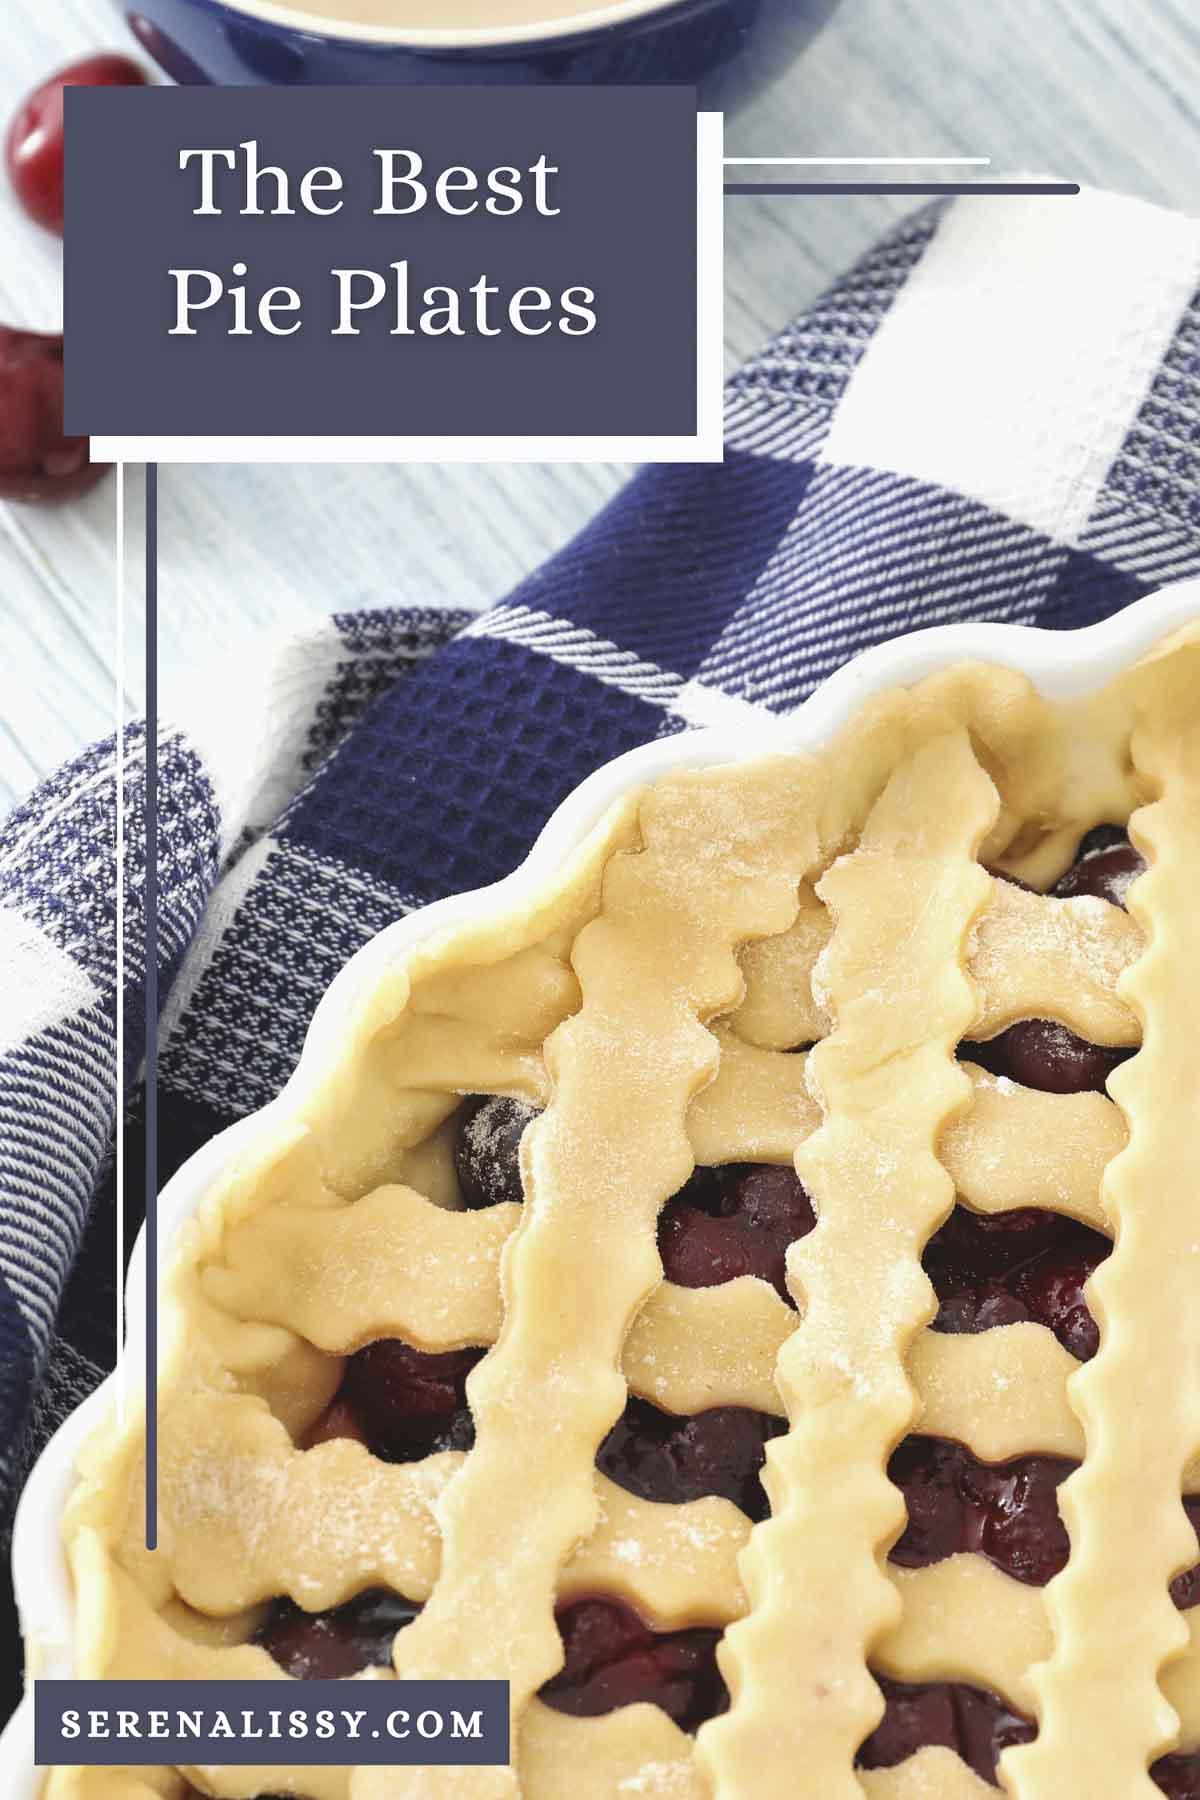 Lattice Pie in baking dish